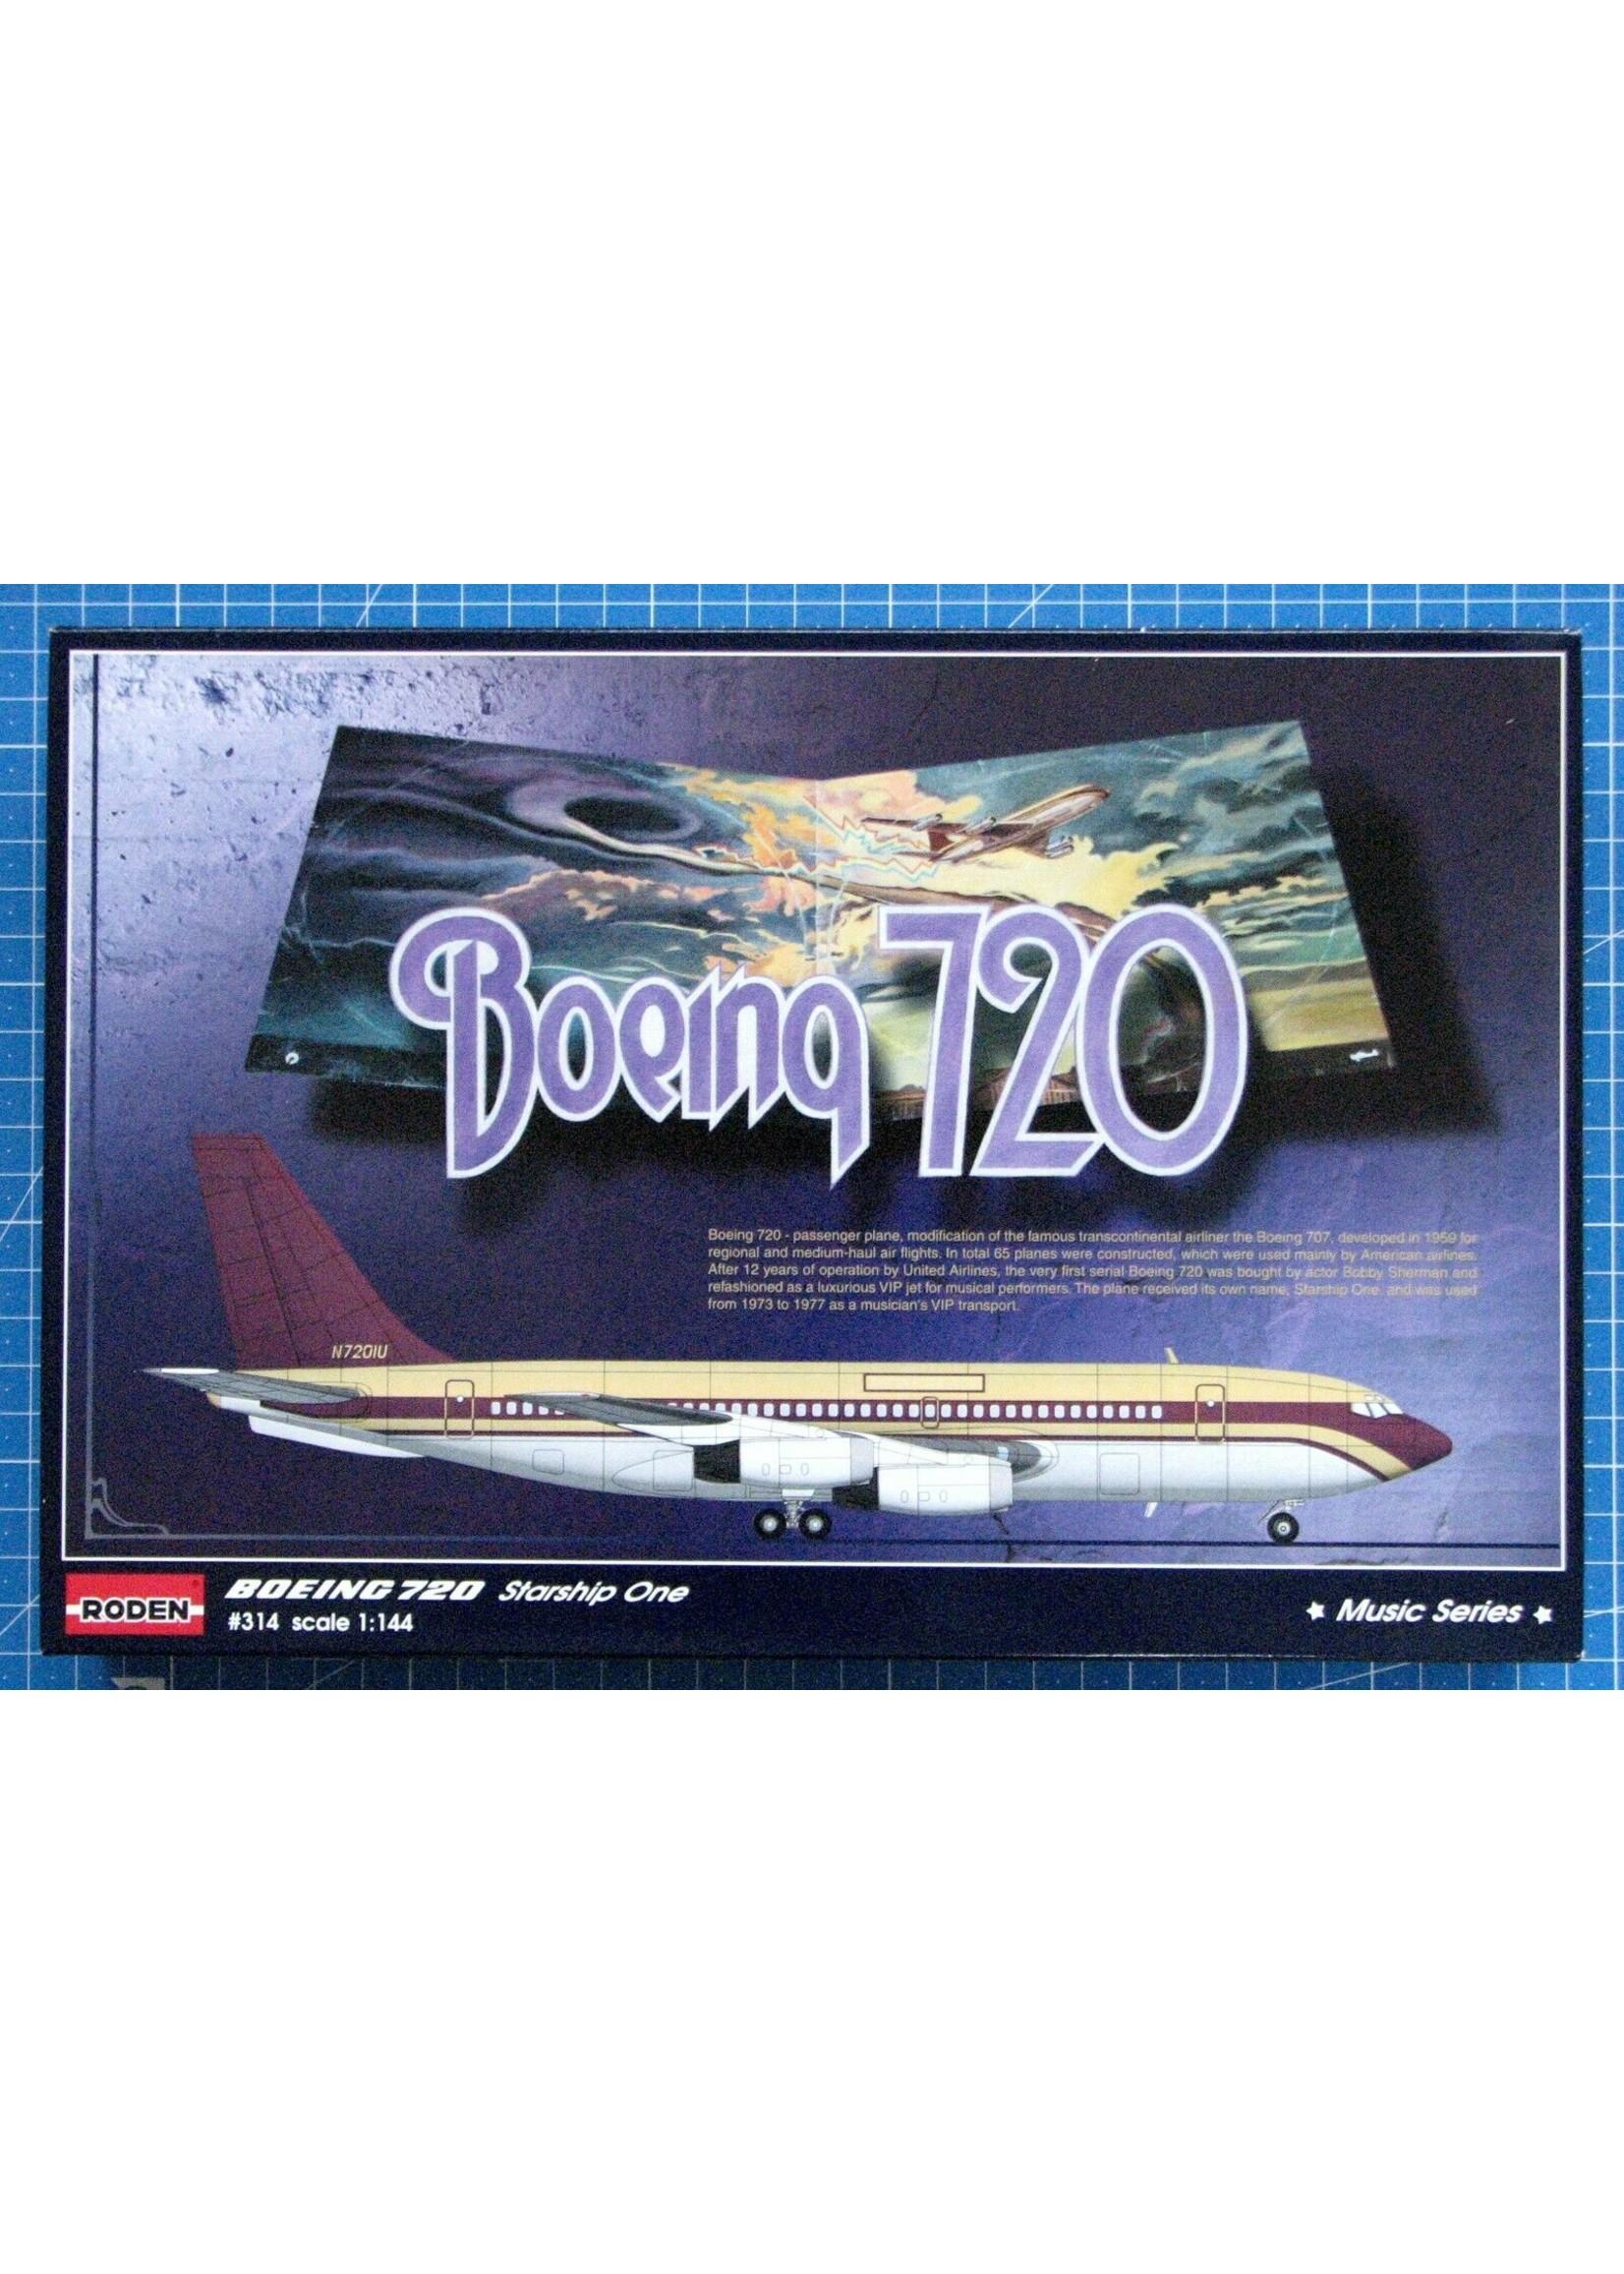 Model Kit: 1/144 Boeing 720 Starship One